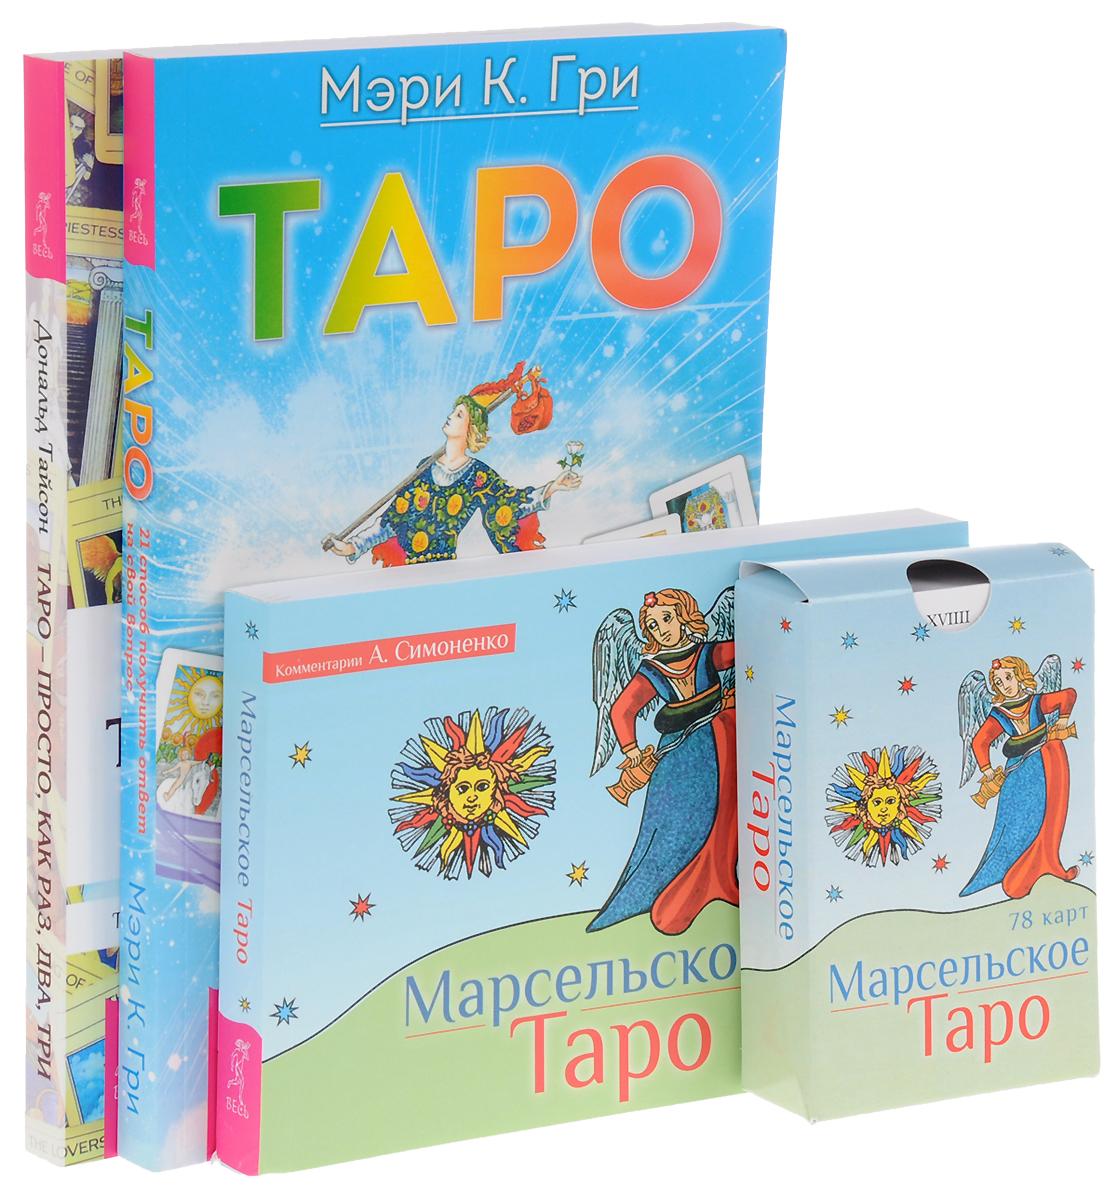 А. Симоненко, Мэри К. Гри, Дональд Тайсон Марсельское Таро. Таро. Таро - просто как, раз, два, три (комплект из 3 книг + набор из 78карт)